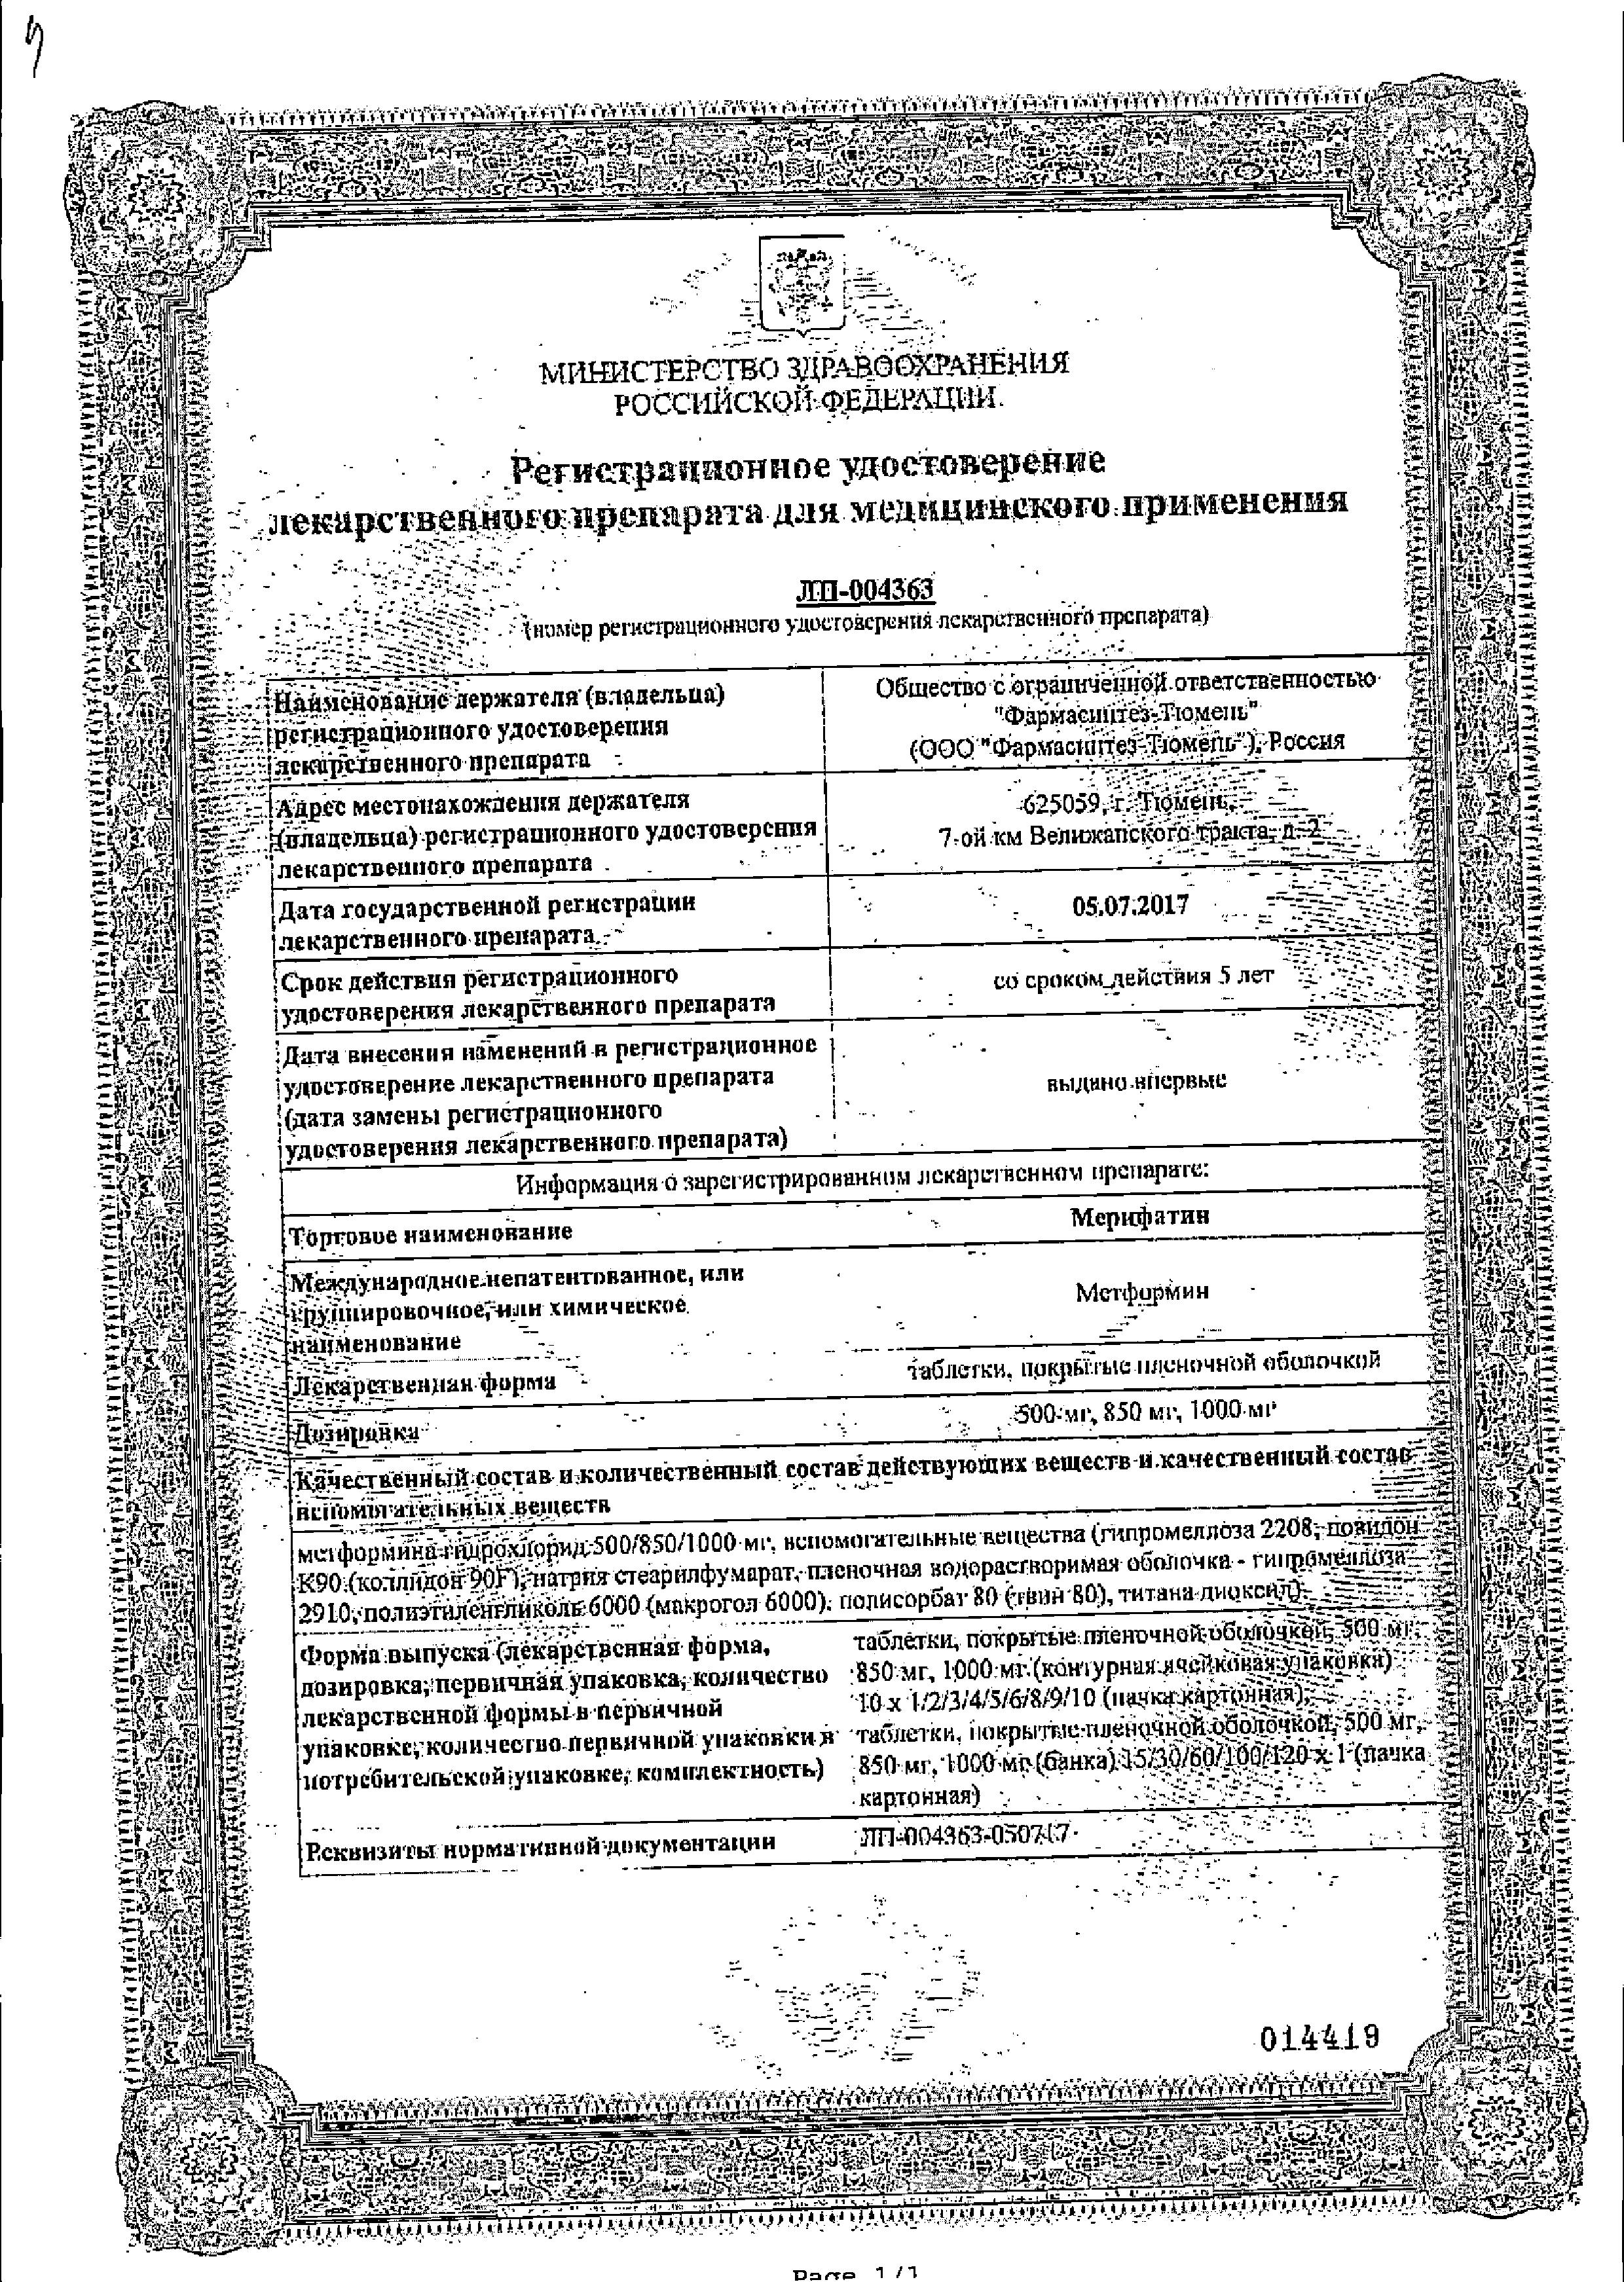 Мерифатин сертификат